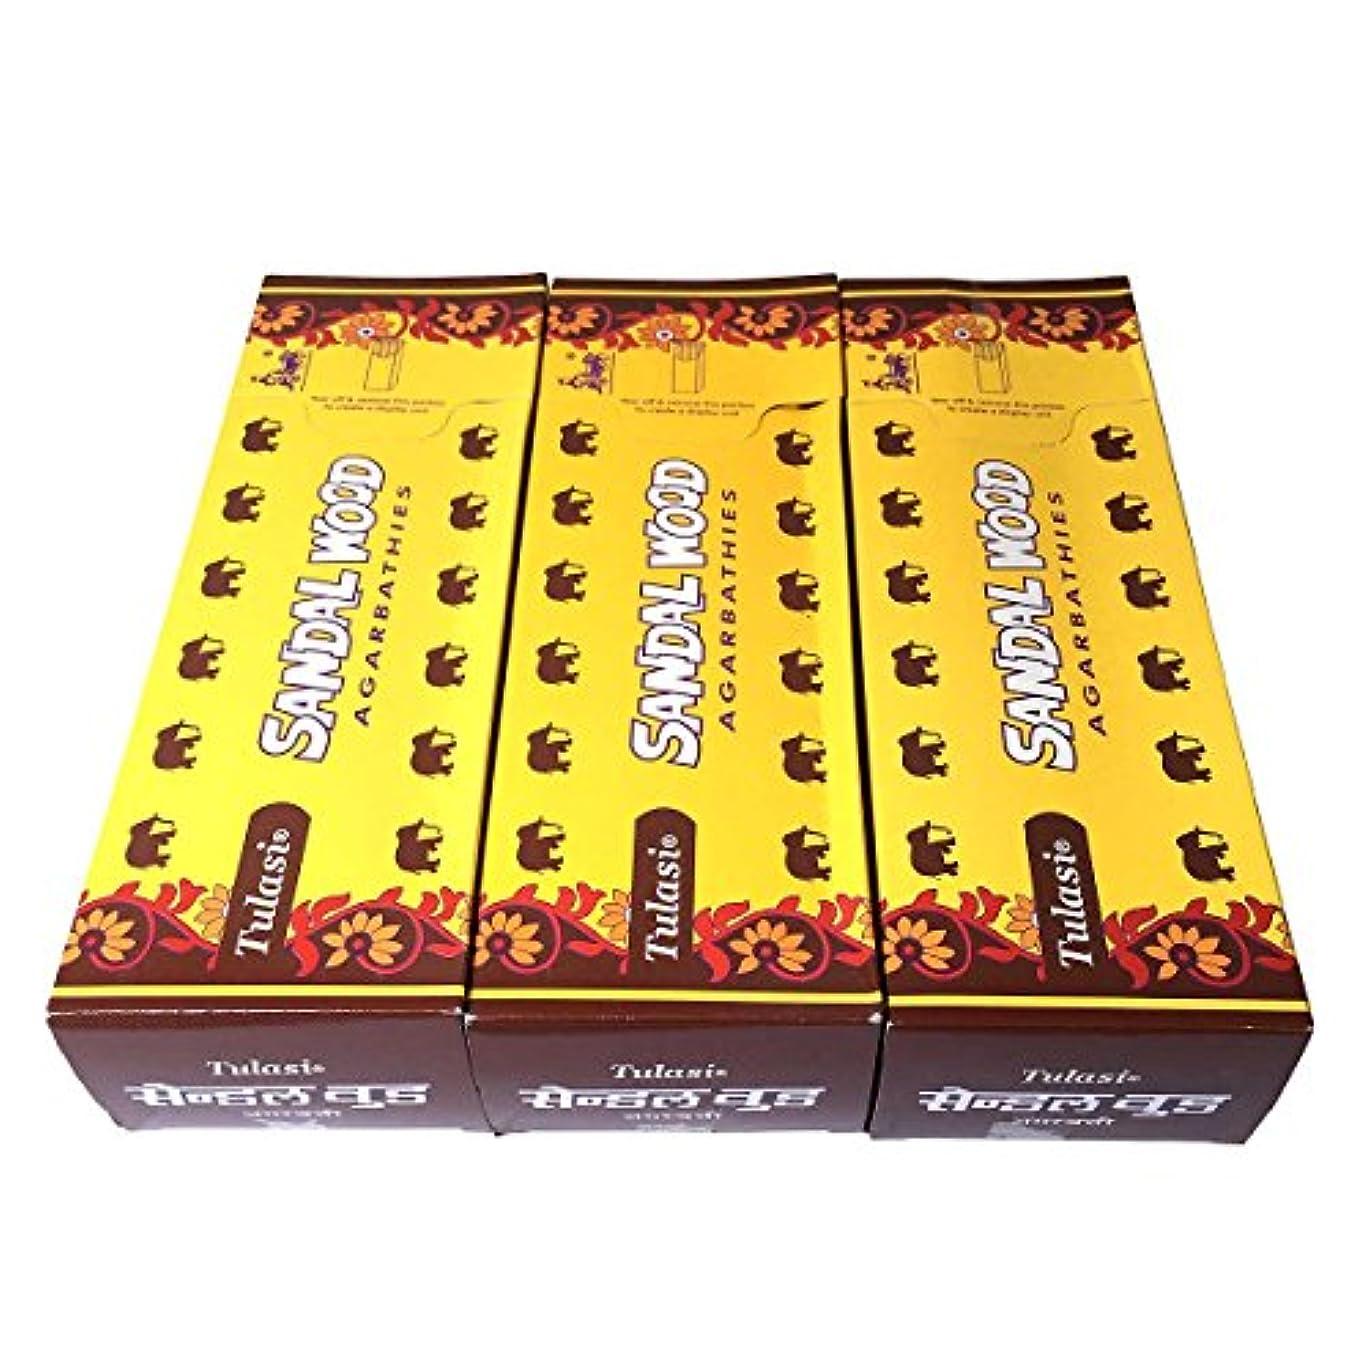 かび臭い倒産軽食サンダルウッド香スティック 3BOX(18箱) /TULASI SANDAL WOOD/インセンス/インド香 お香 [並行輸入品]